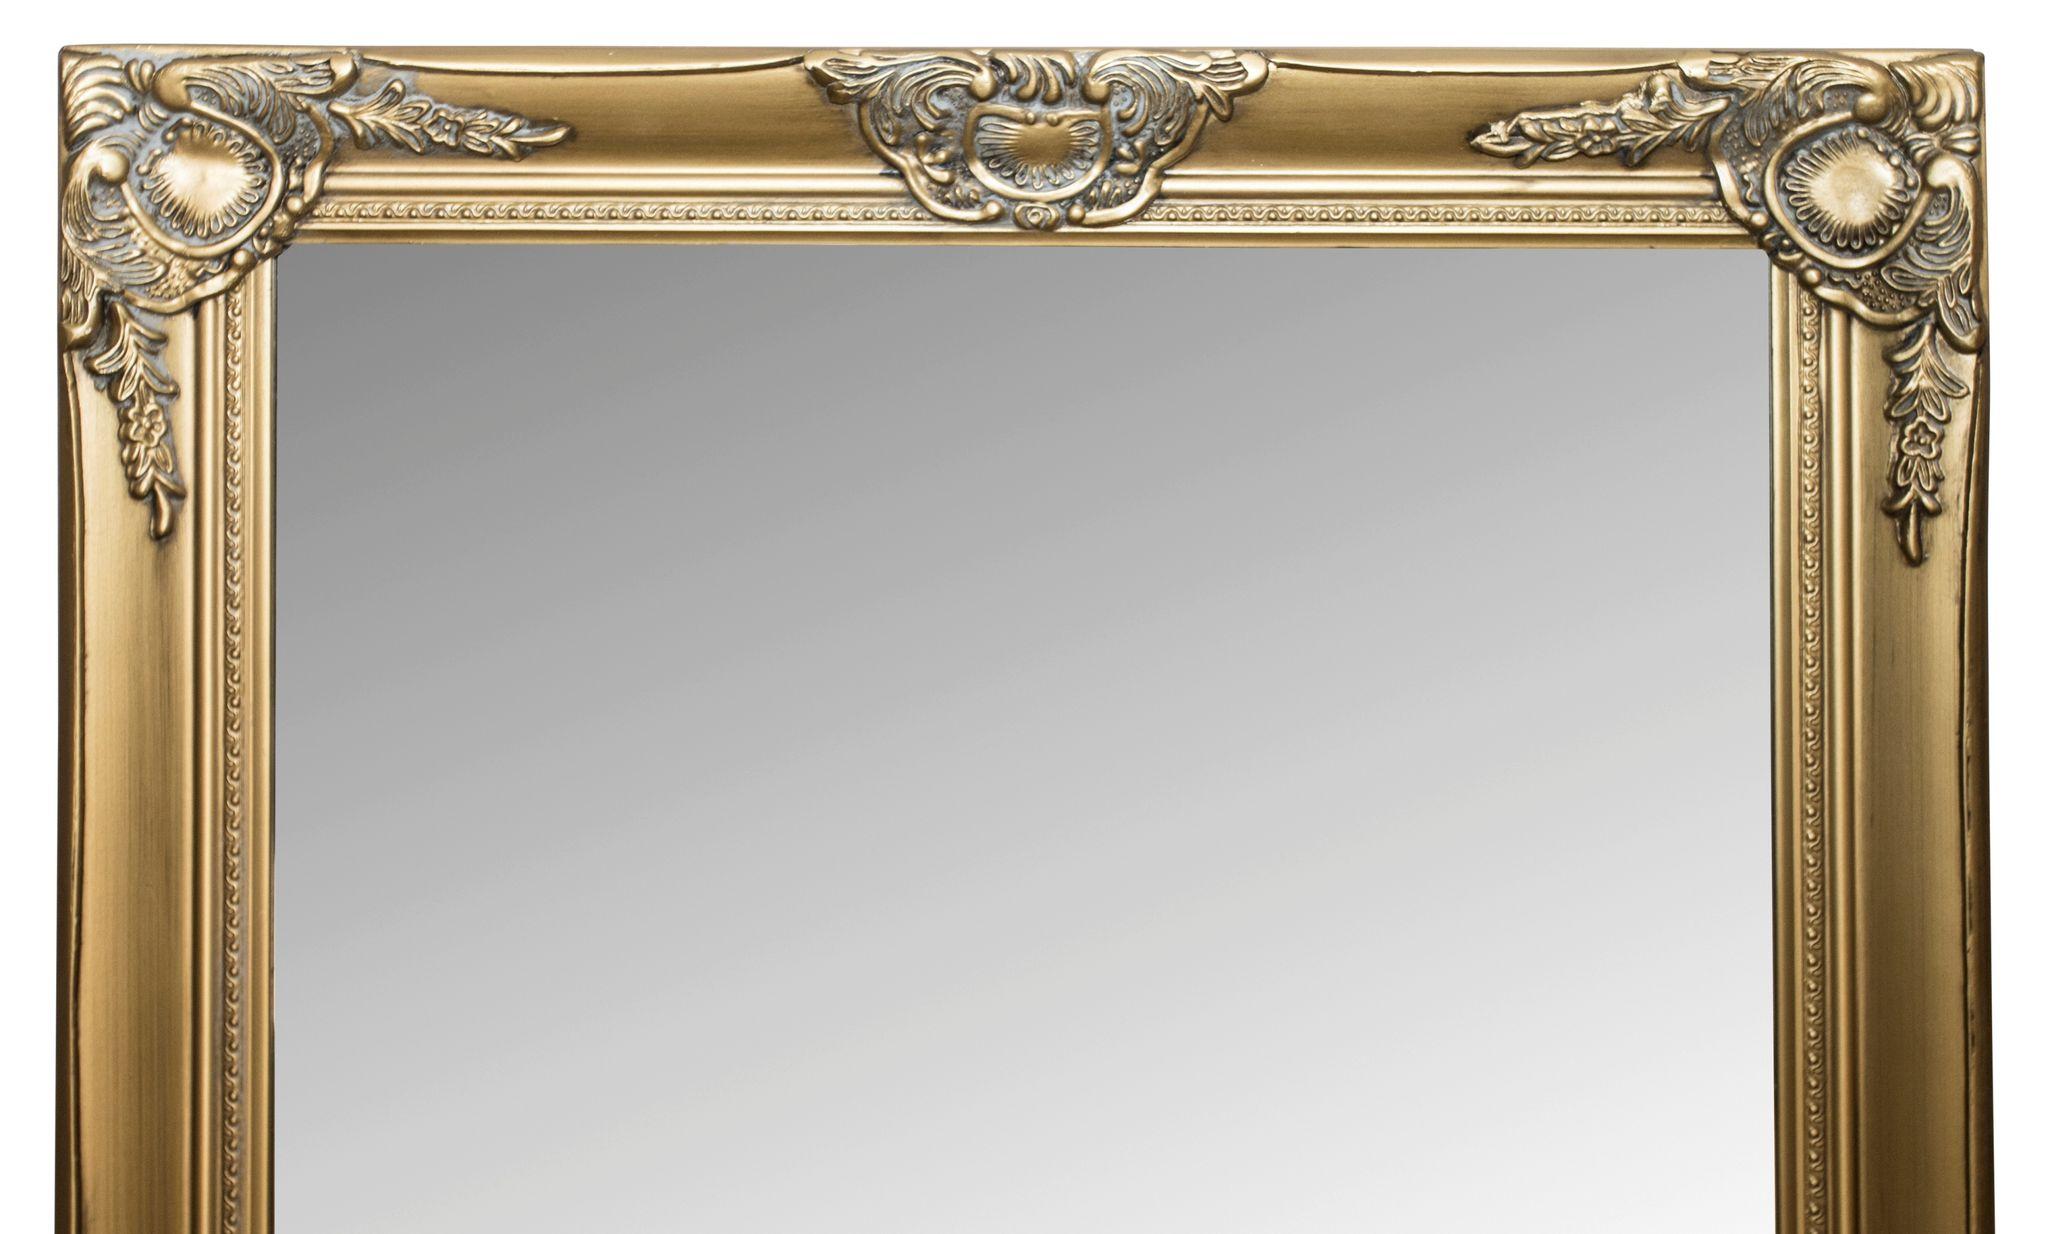 spiegel gold 187cm g nstige landhausm bel online kaufen. Black Bedroom Furniture Sets. Home Design Ideas